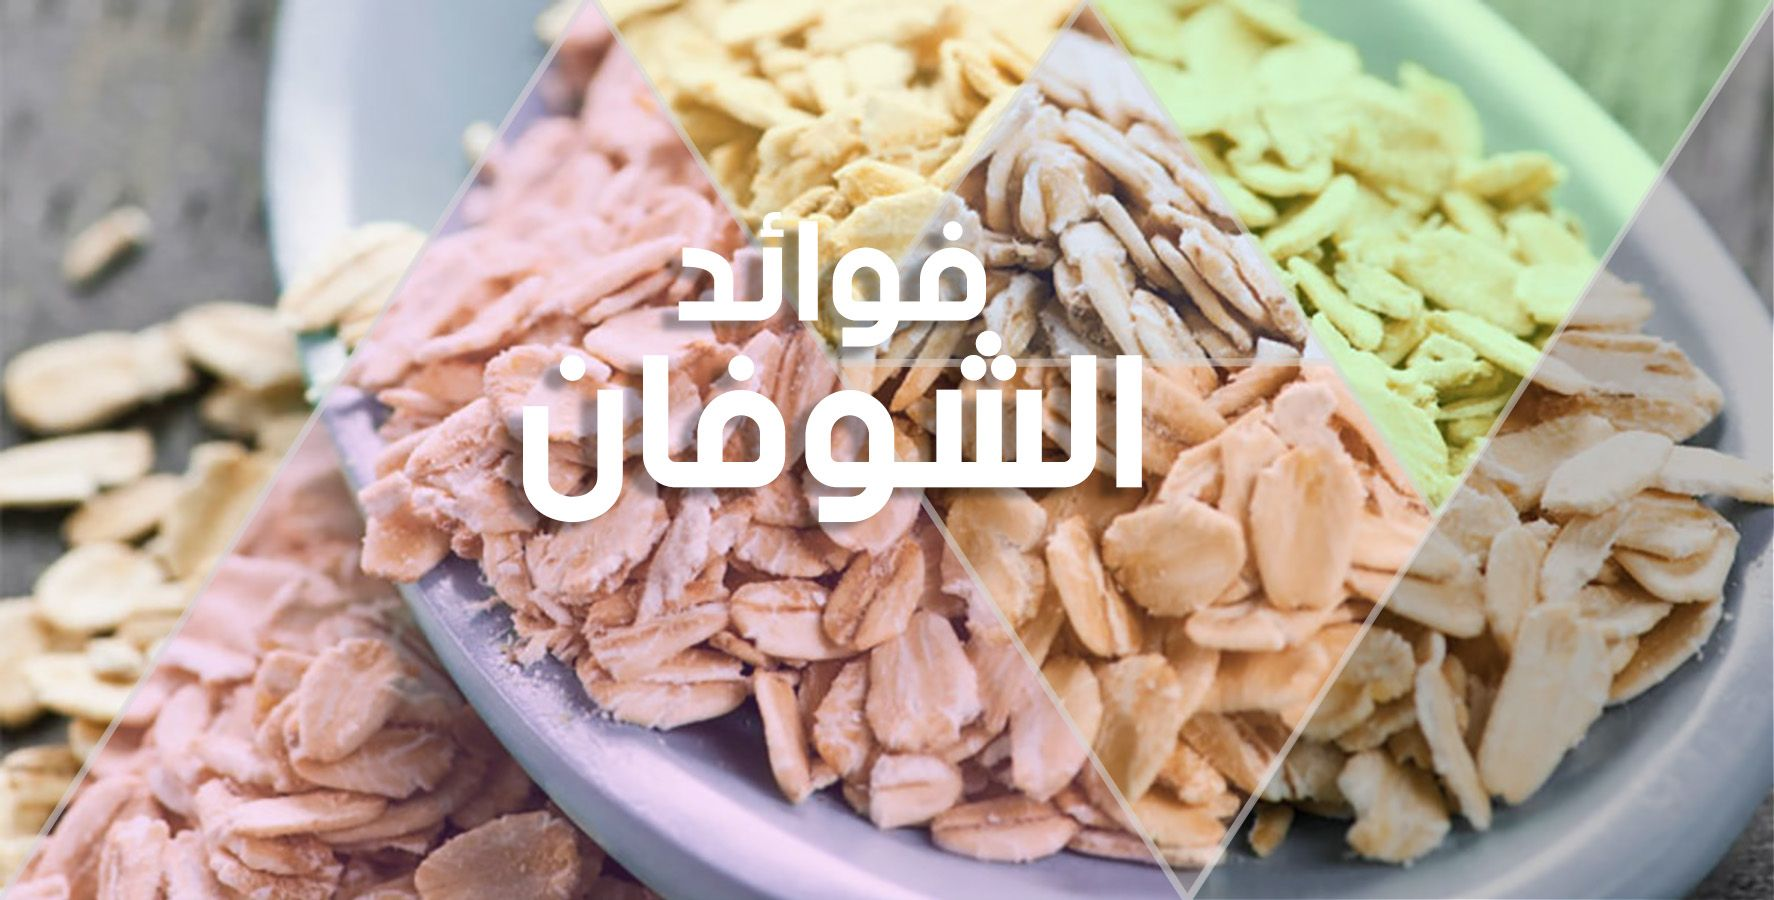 فوائد الشوفان كيفية تحضير الشوفان و أهميته للرياضيين و للرجيم Vegetables Food Cabbage